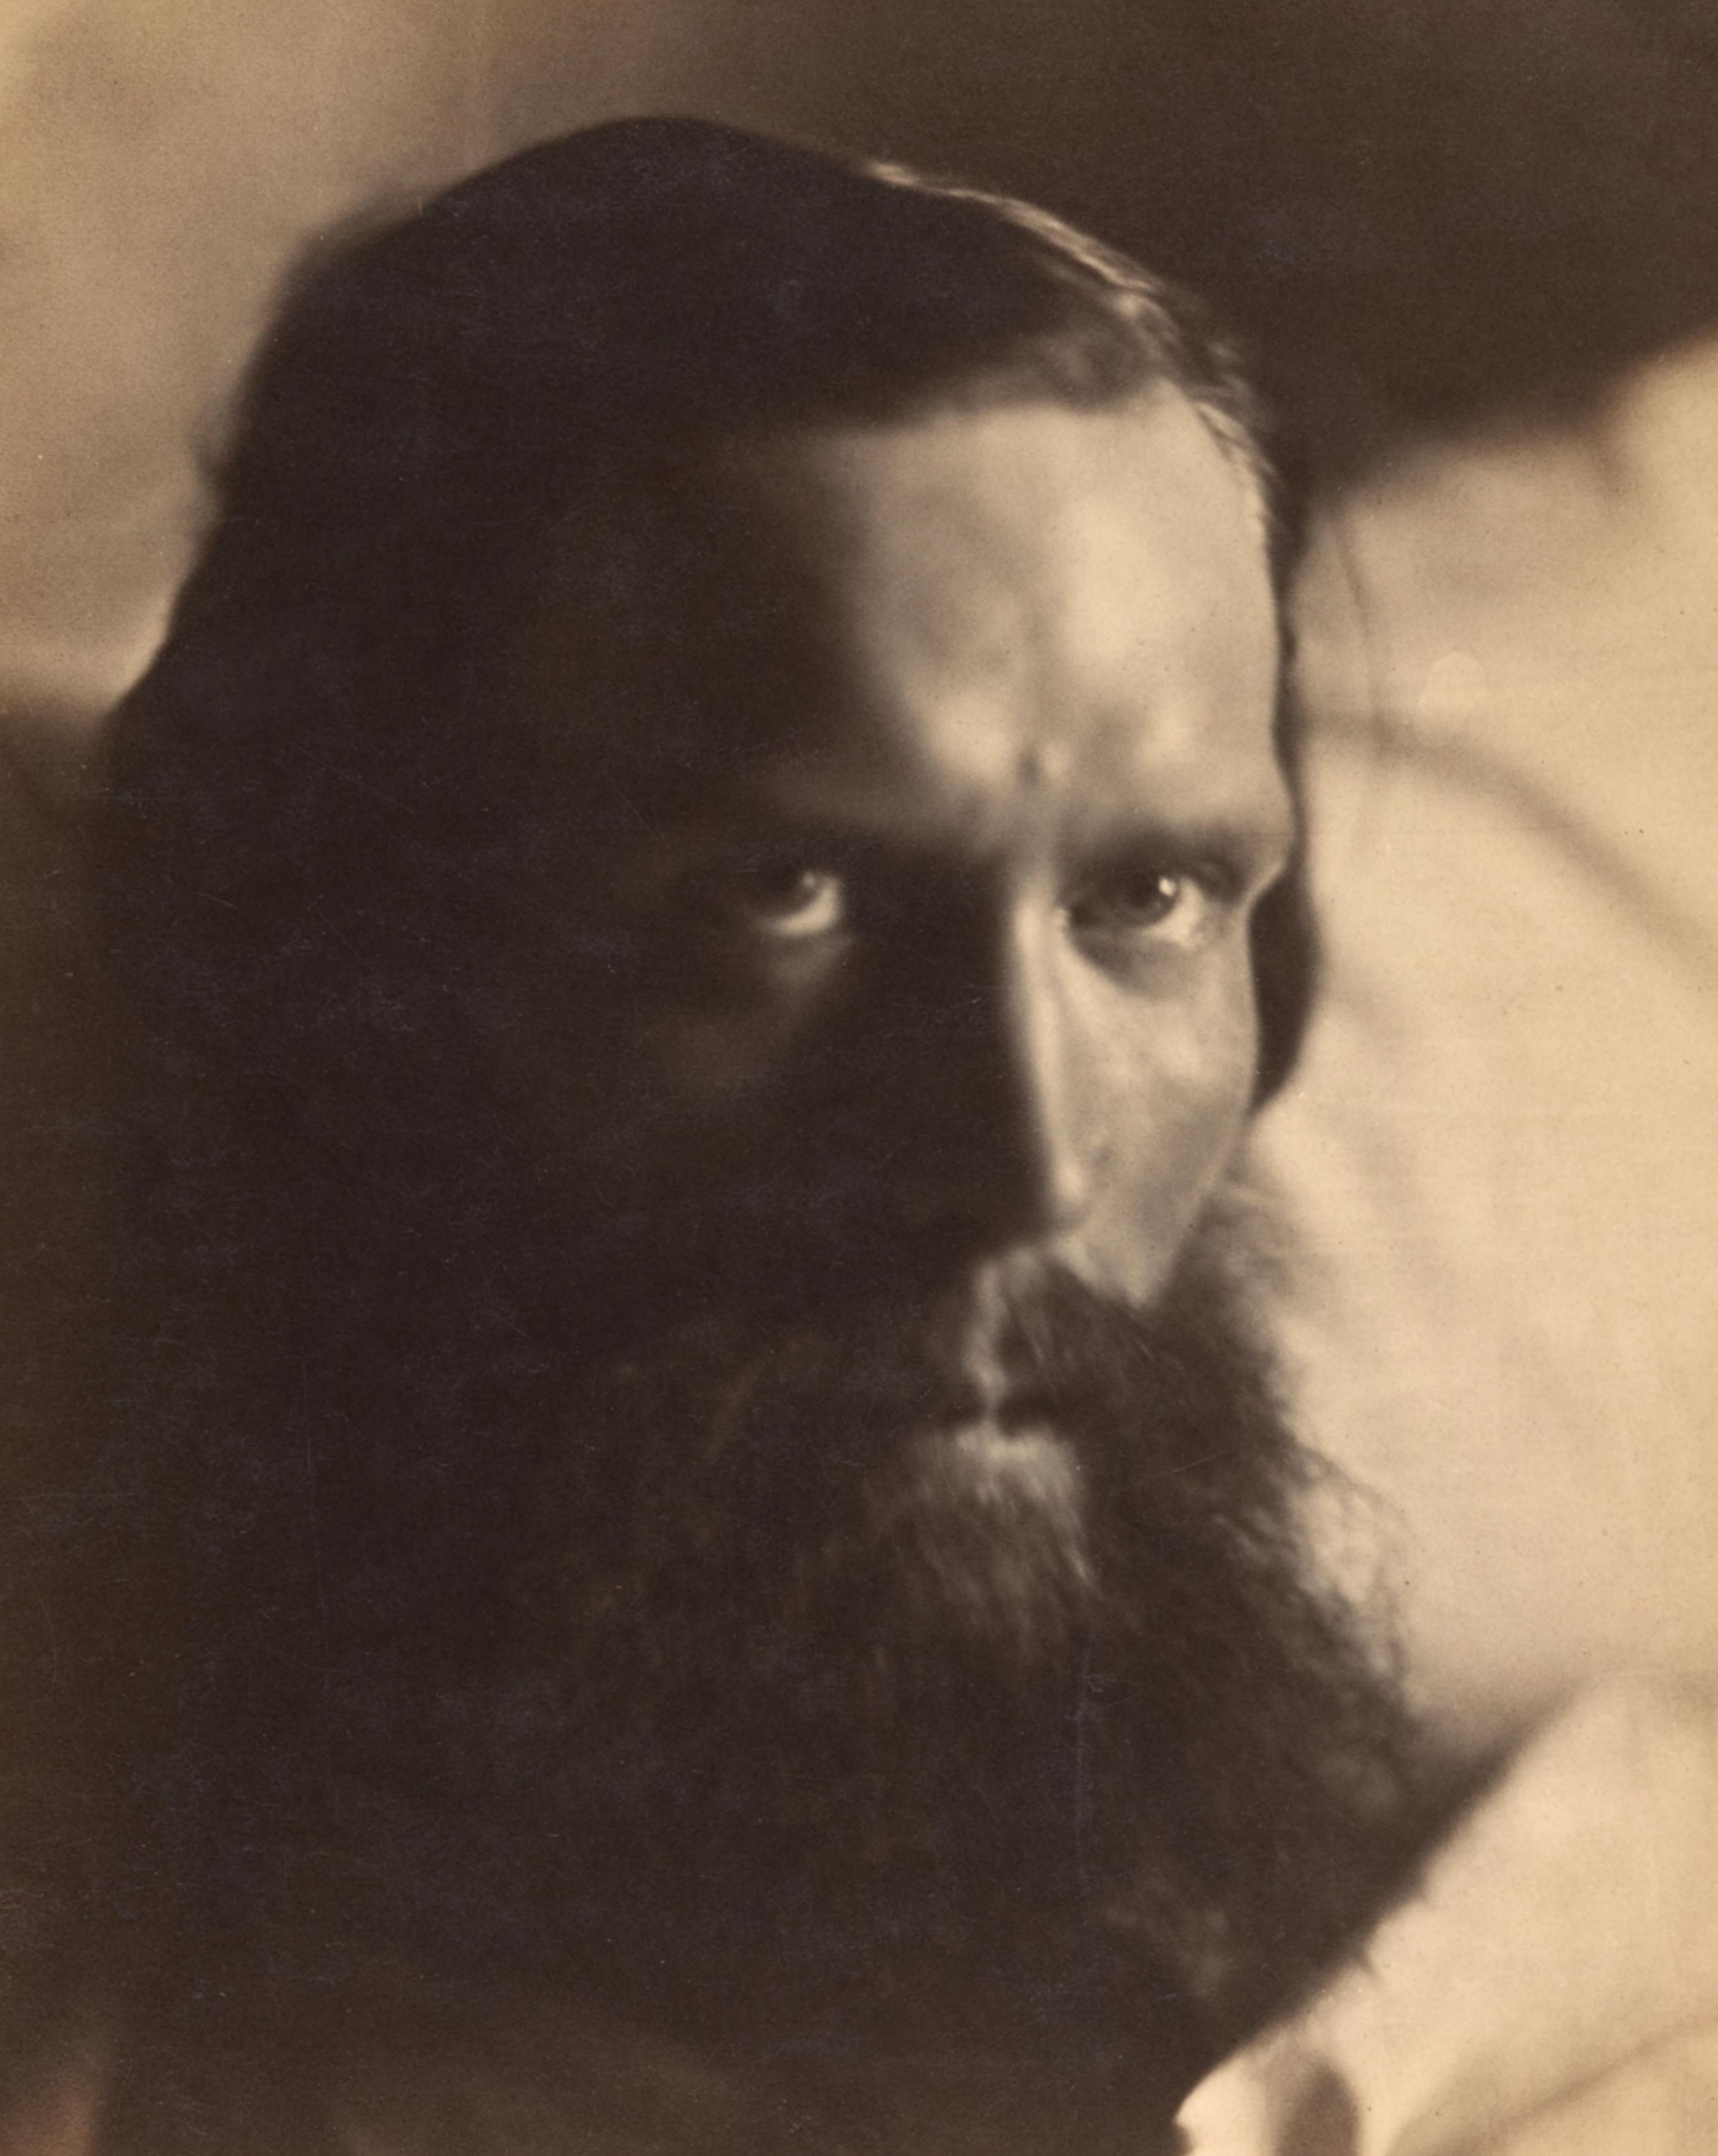 https://upload.wikimedia.org/wikipedia/commons/1/13/Philip_Stanhope_Worsley_by_Julia_Margaret_Cameron%2C_1866.jpg